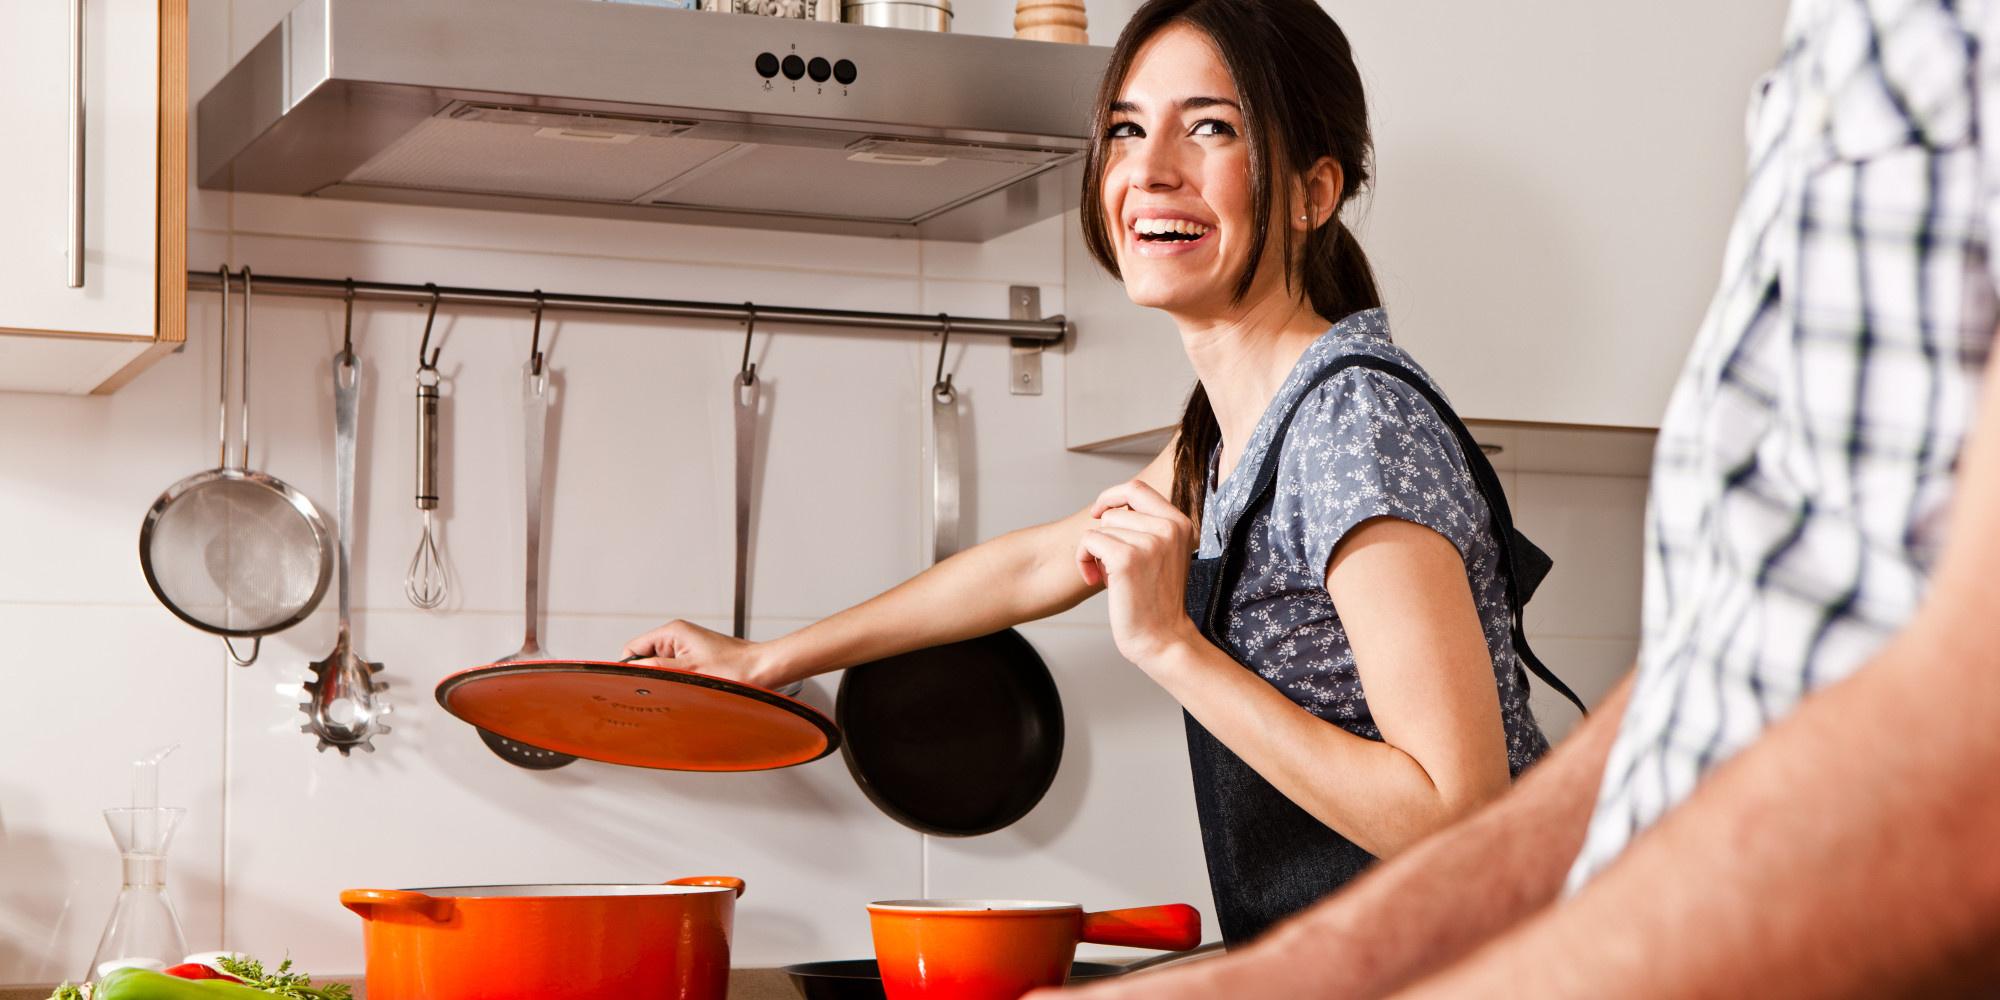 Фото скромных домохозяек, Фото голых русских домохозяек 21 фотография